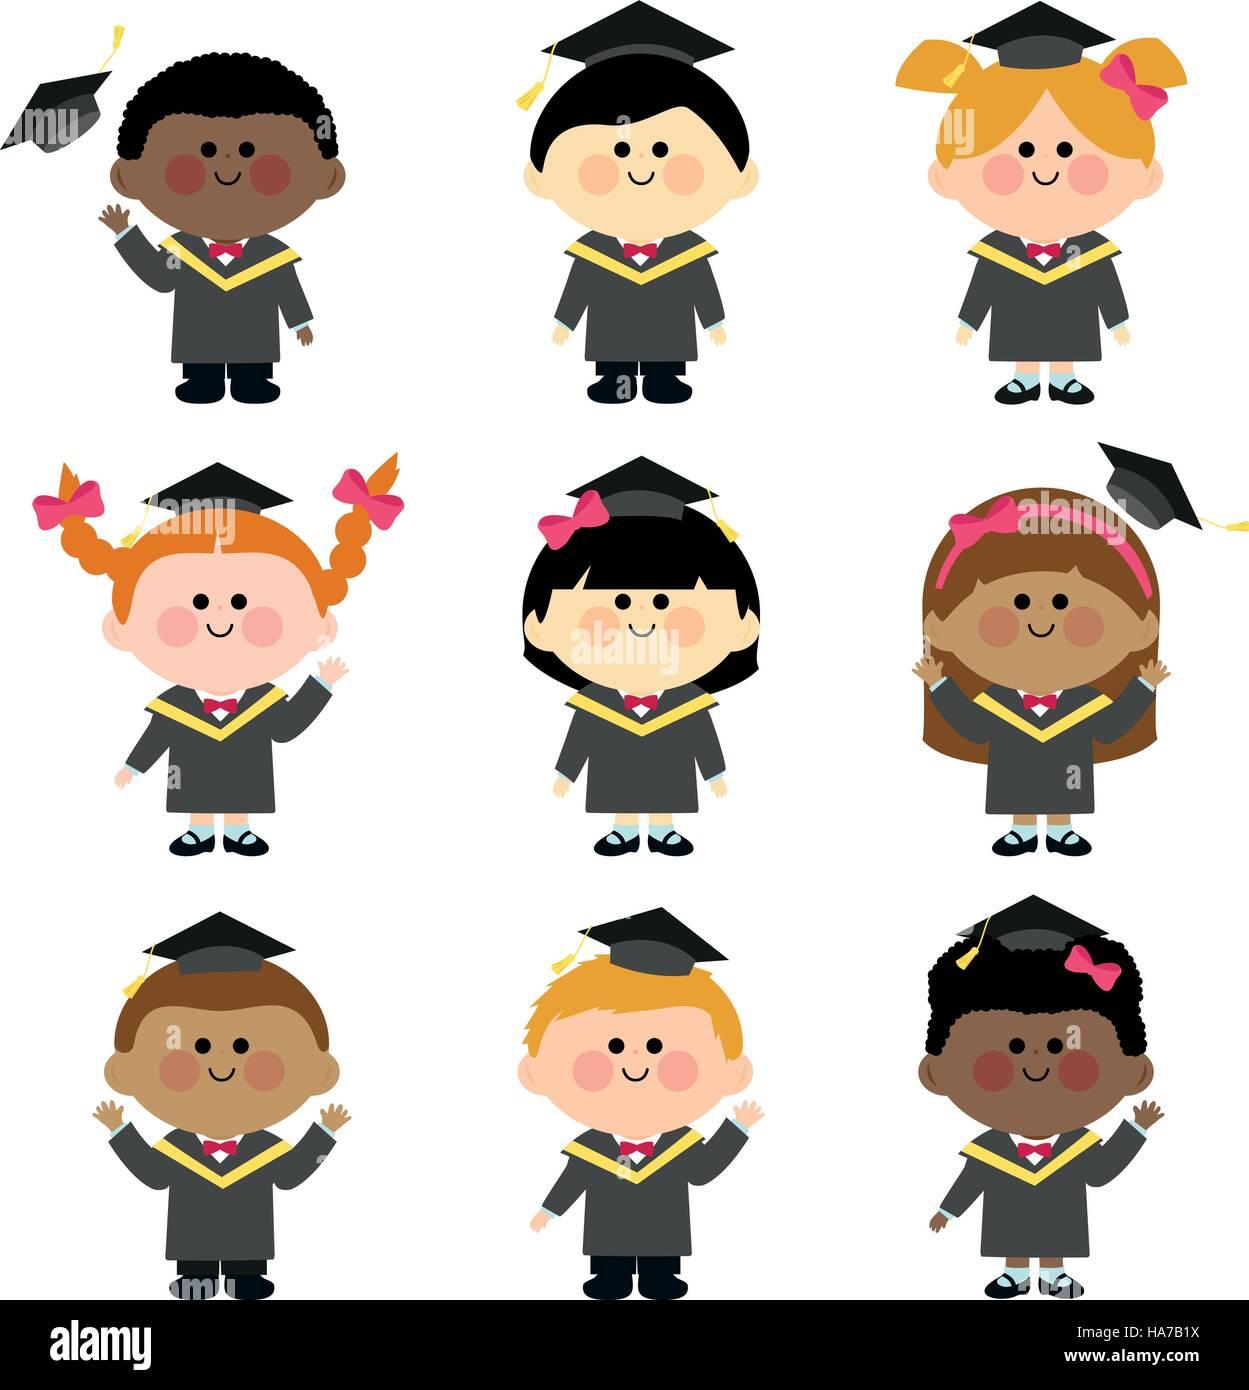 Les coiffures des enfants sur la photo du groupe de graduation